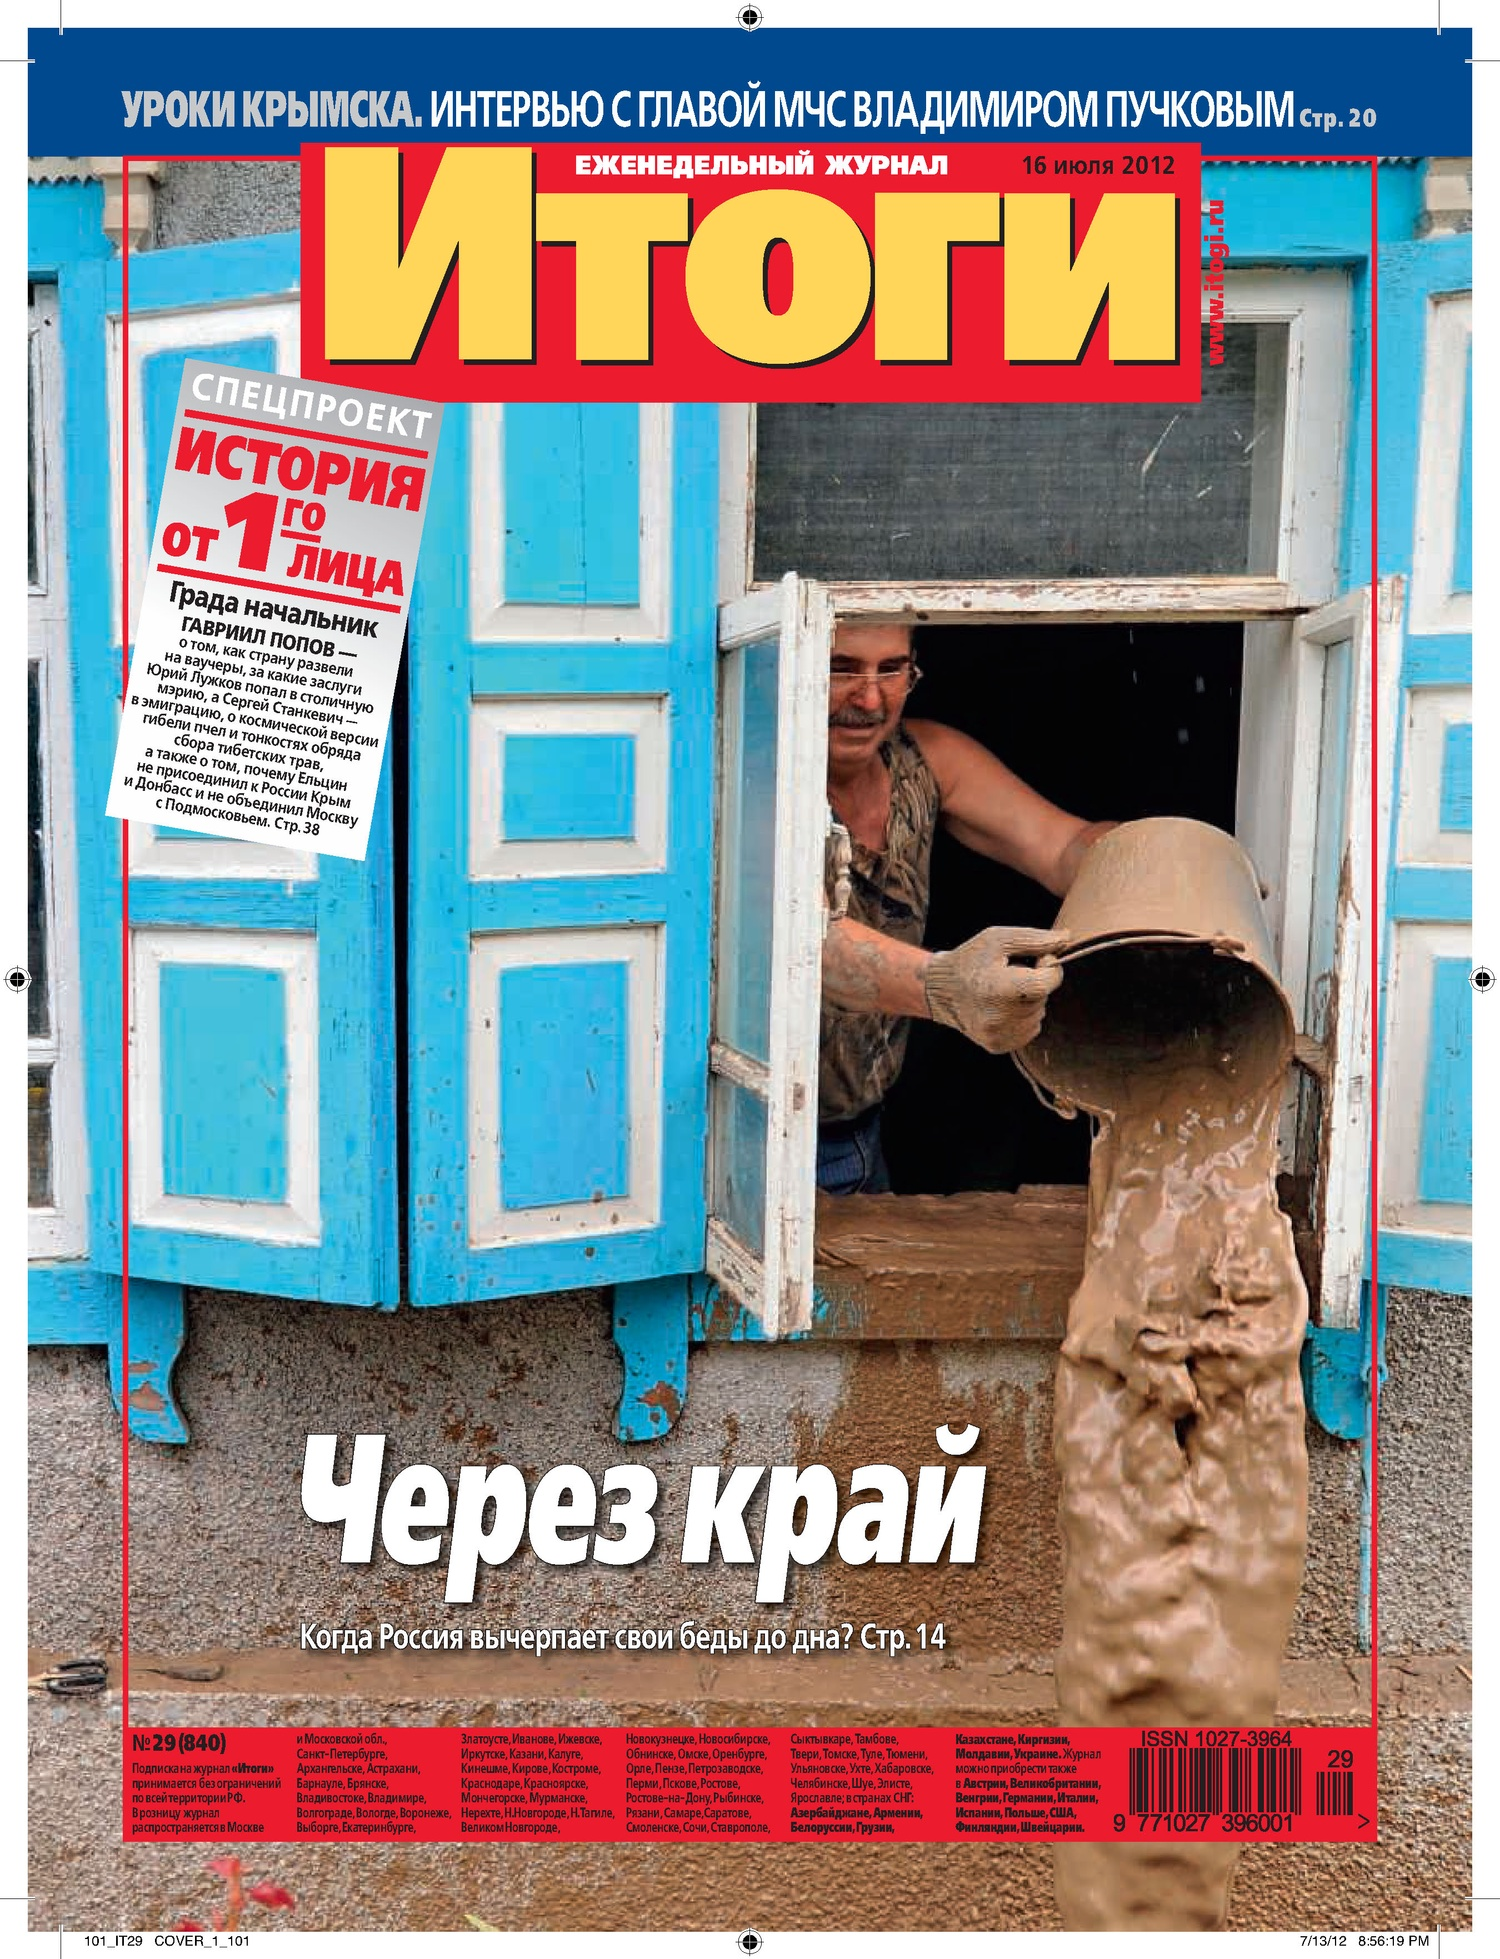 Журнал «Итоги» №29 (840) 2012